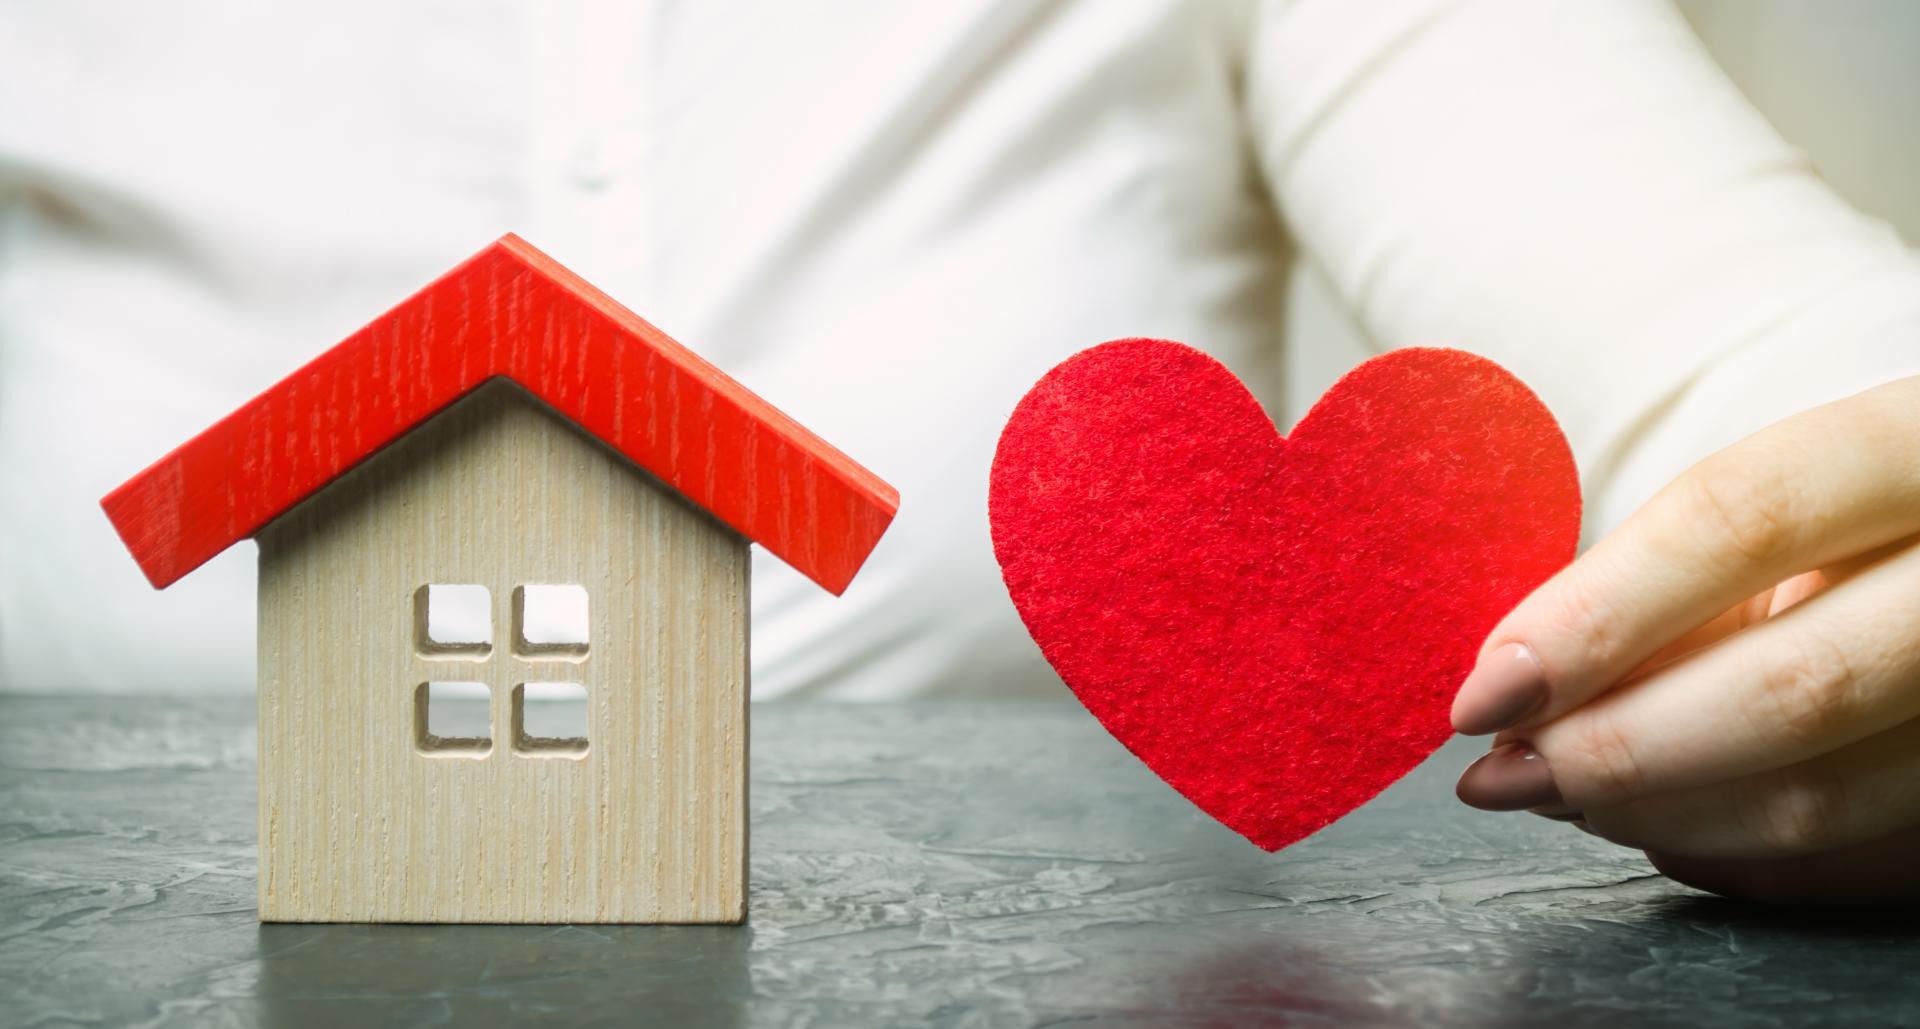 Une femme tient un coeur en feutre à côté d'une petite maison en bois